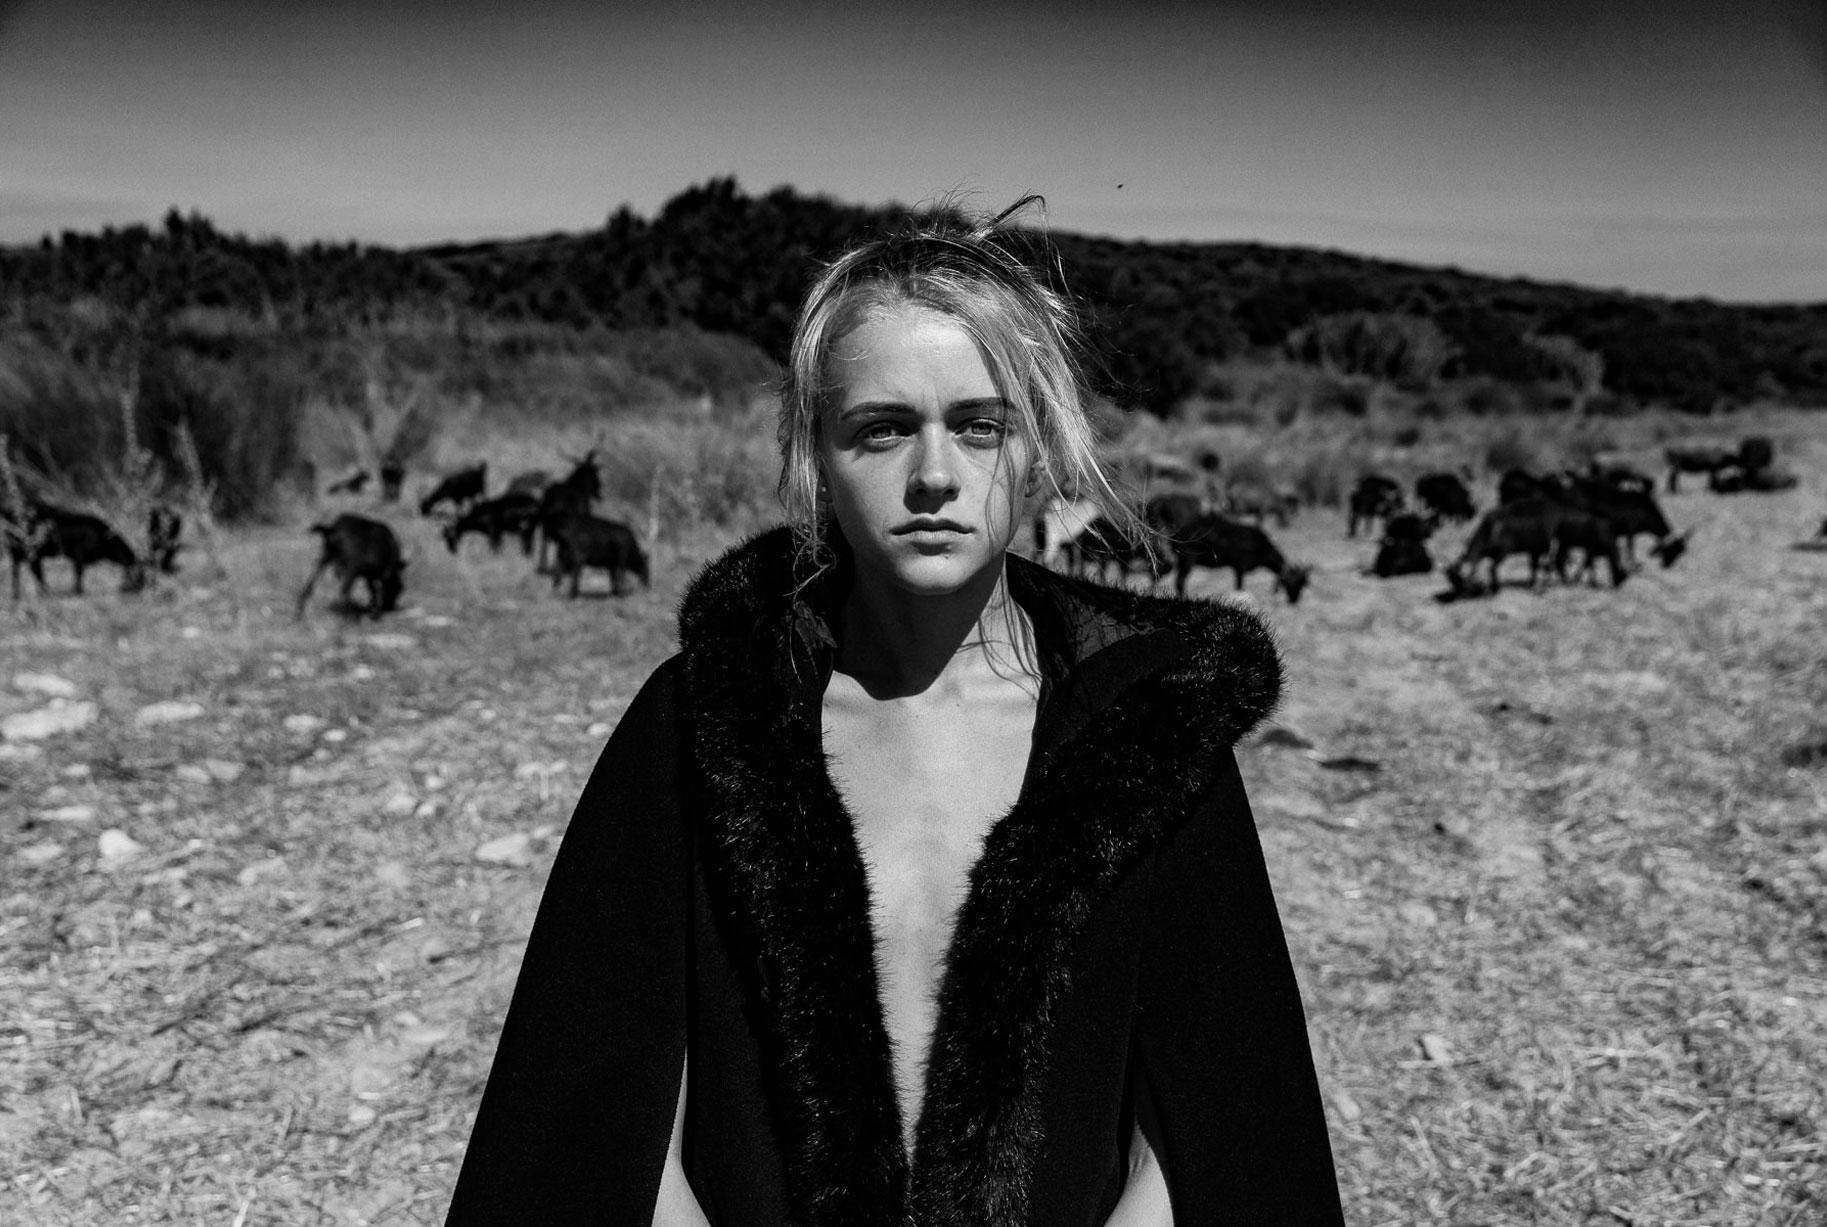 Яна на поле с пасущимися козлами и коровами / фото 14